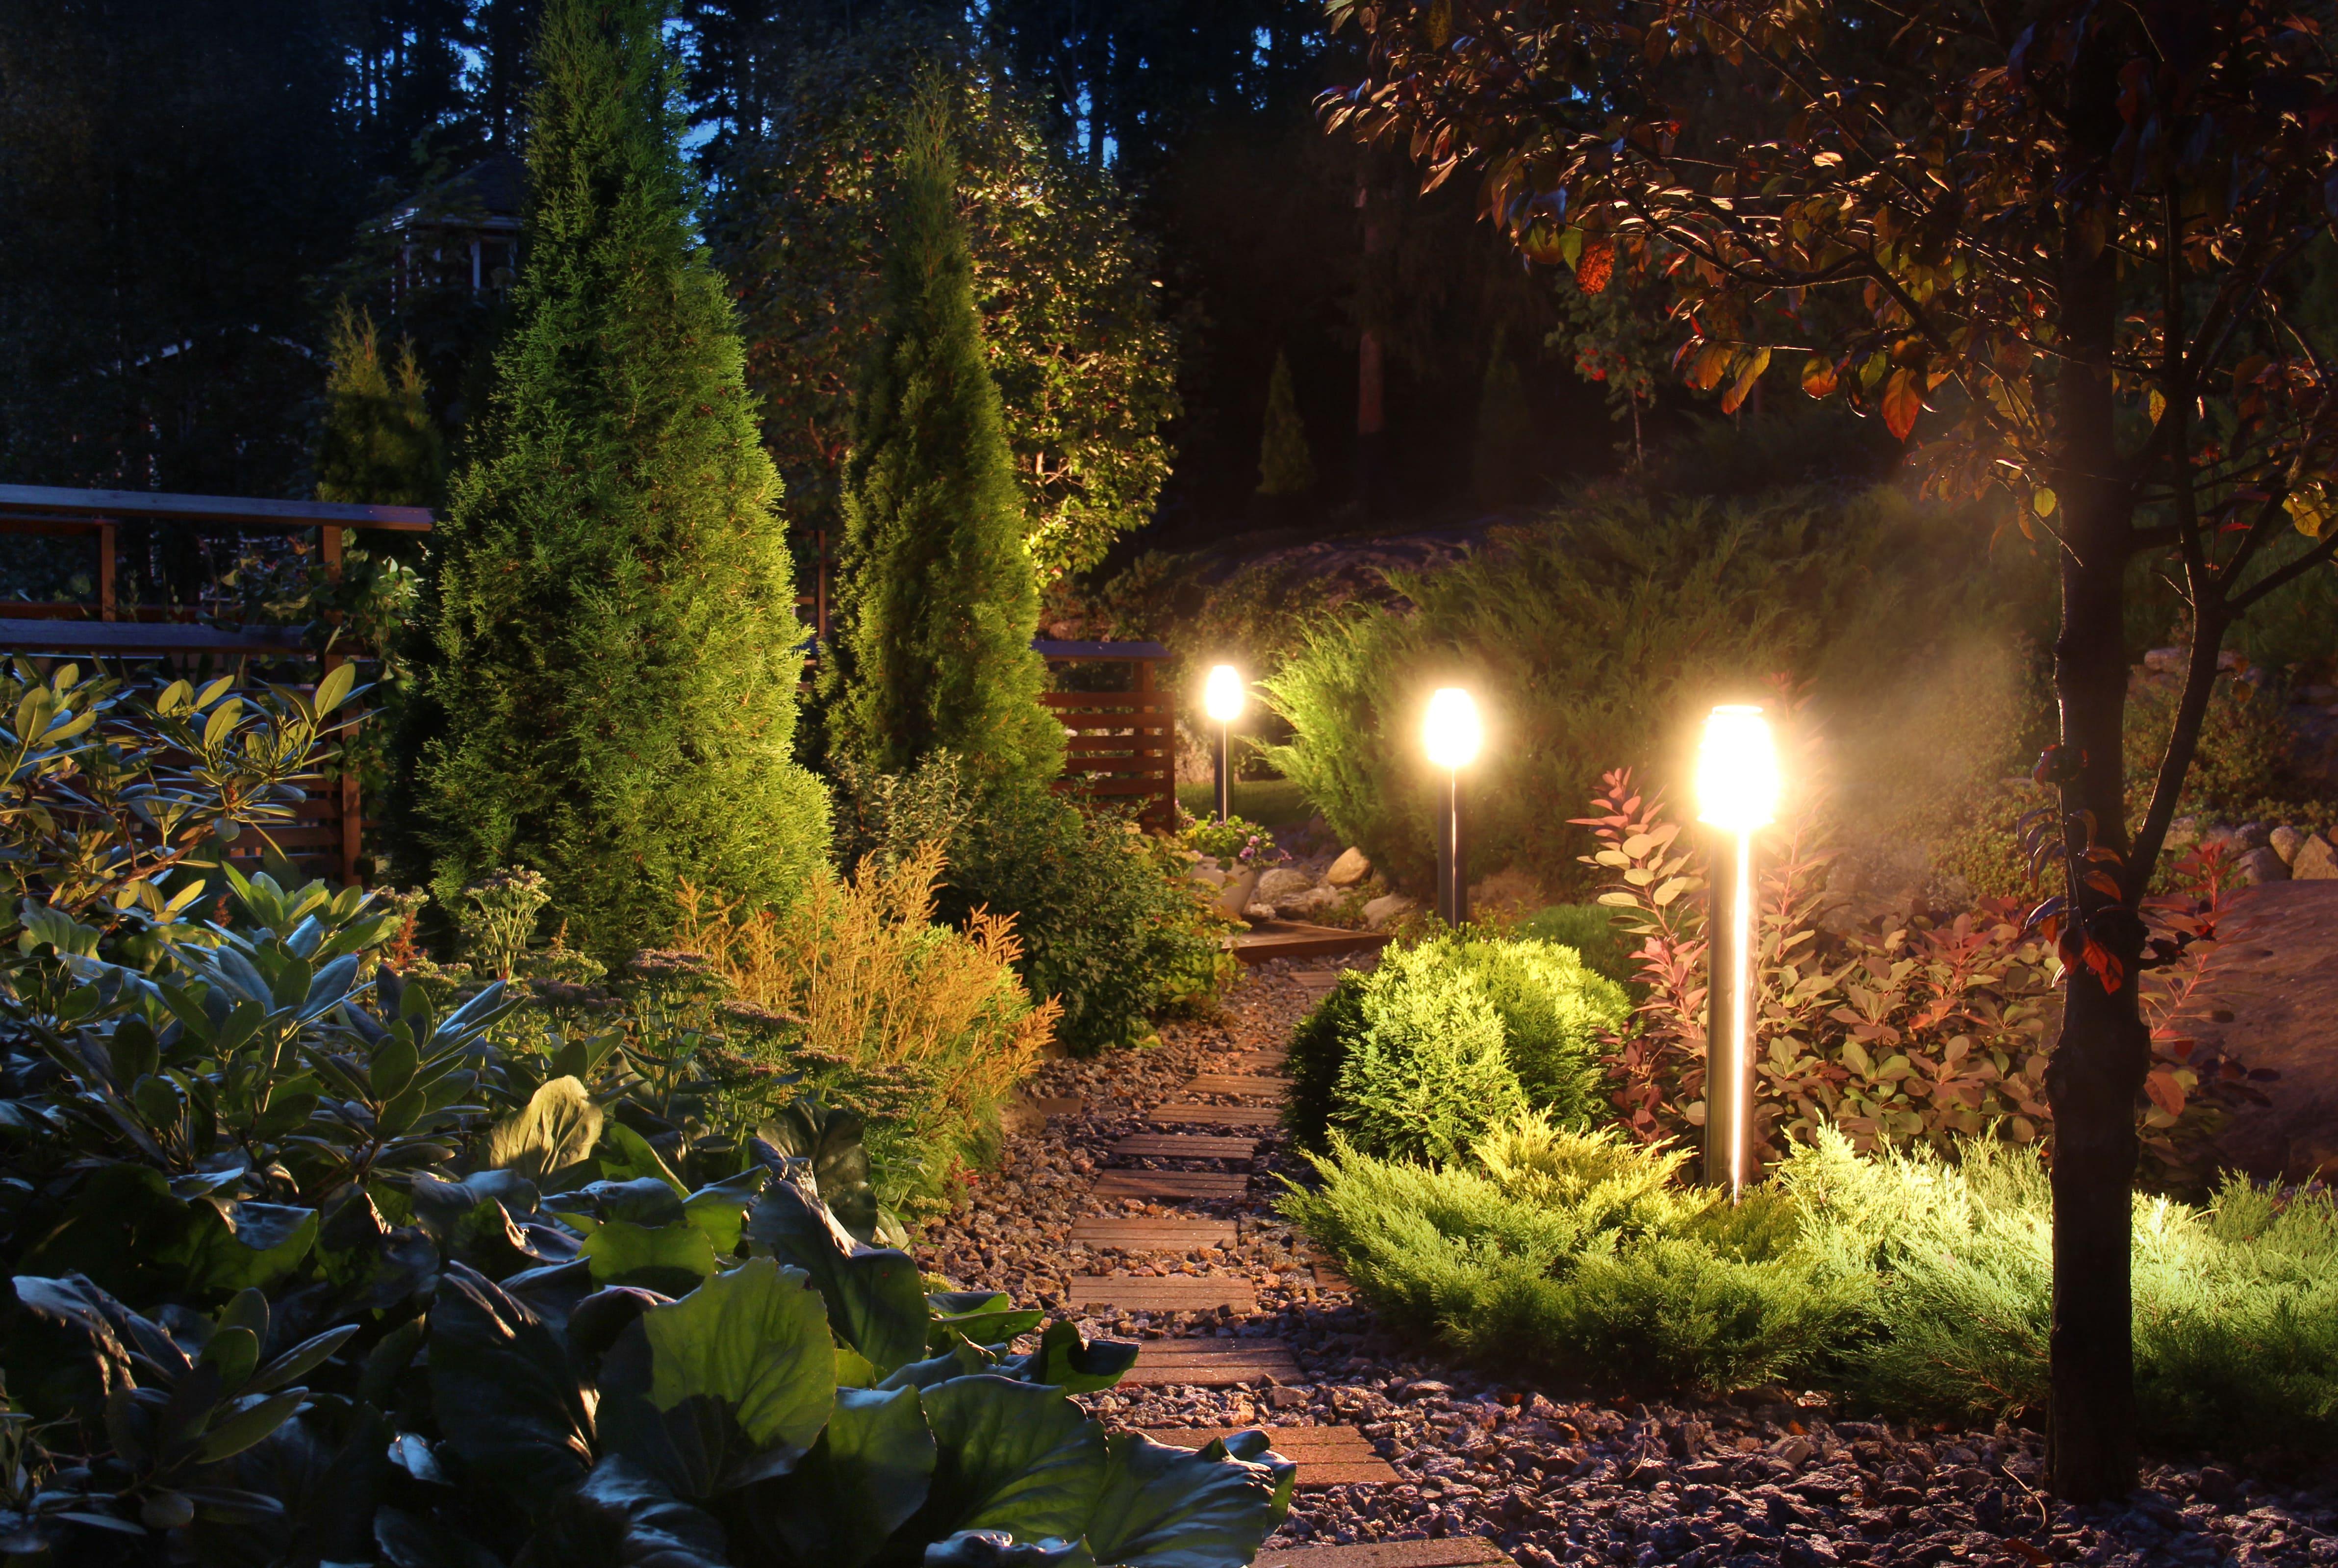 Licht im garten ideen vorschl ge von 7roomz - Licht im garten ...